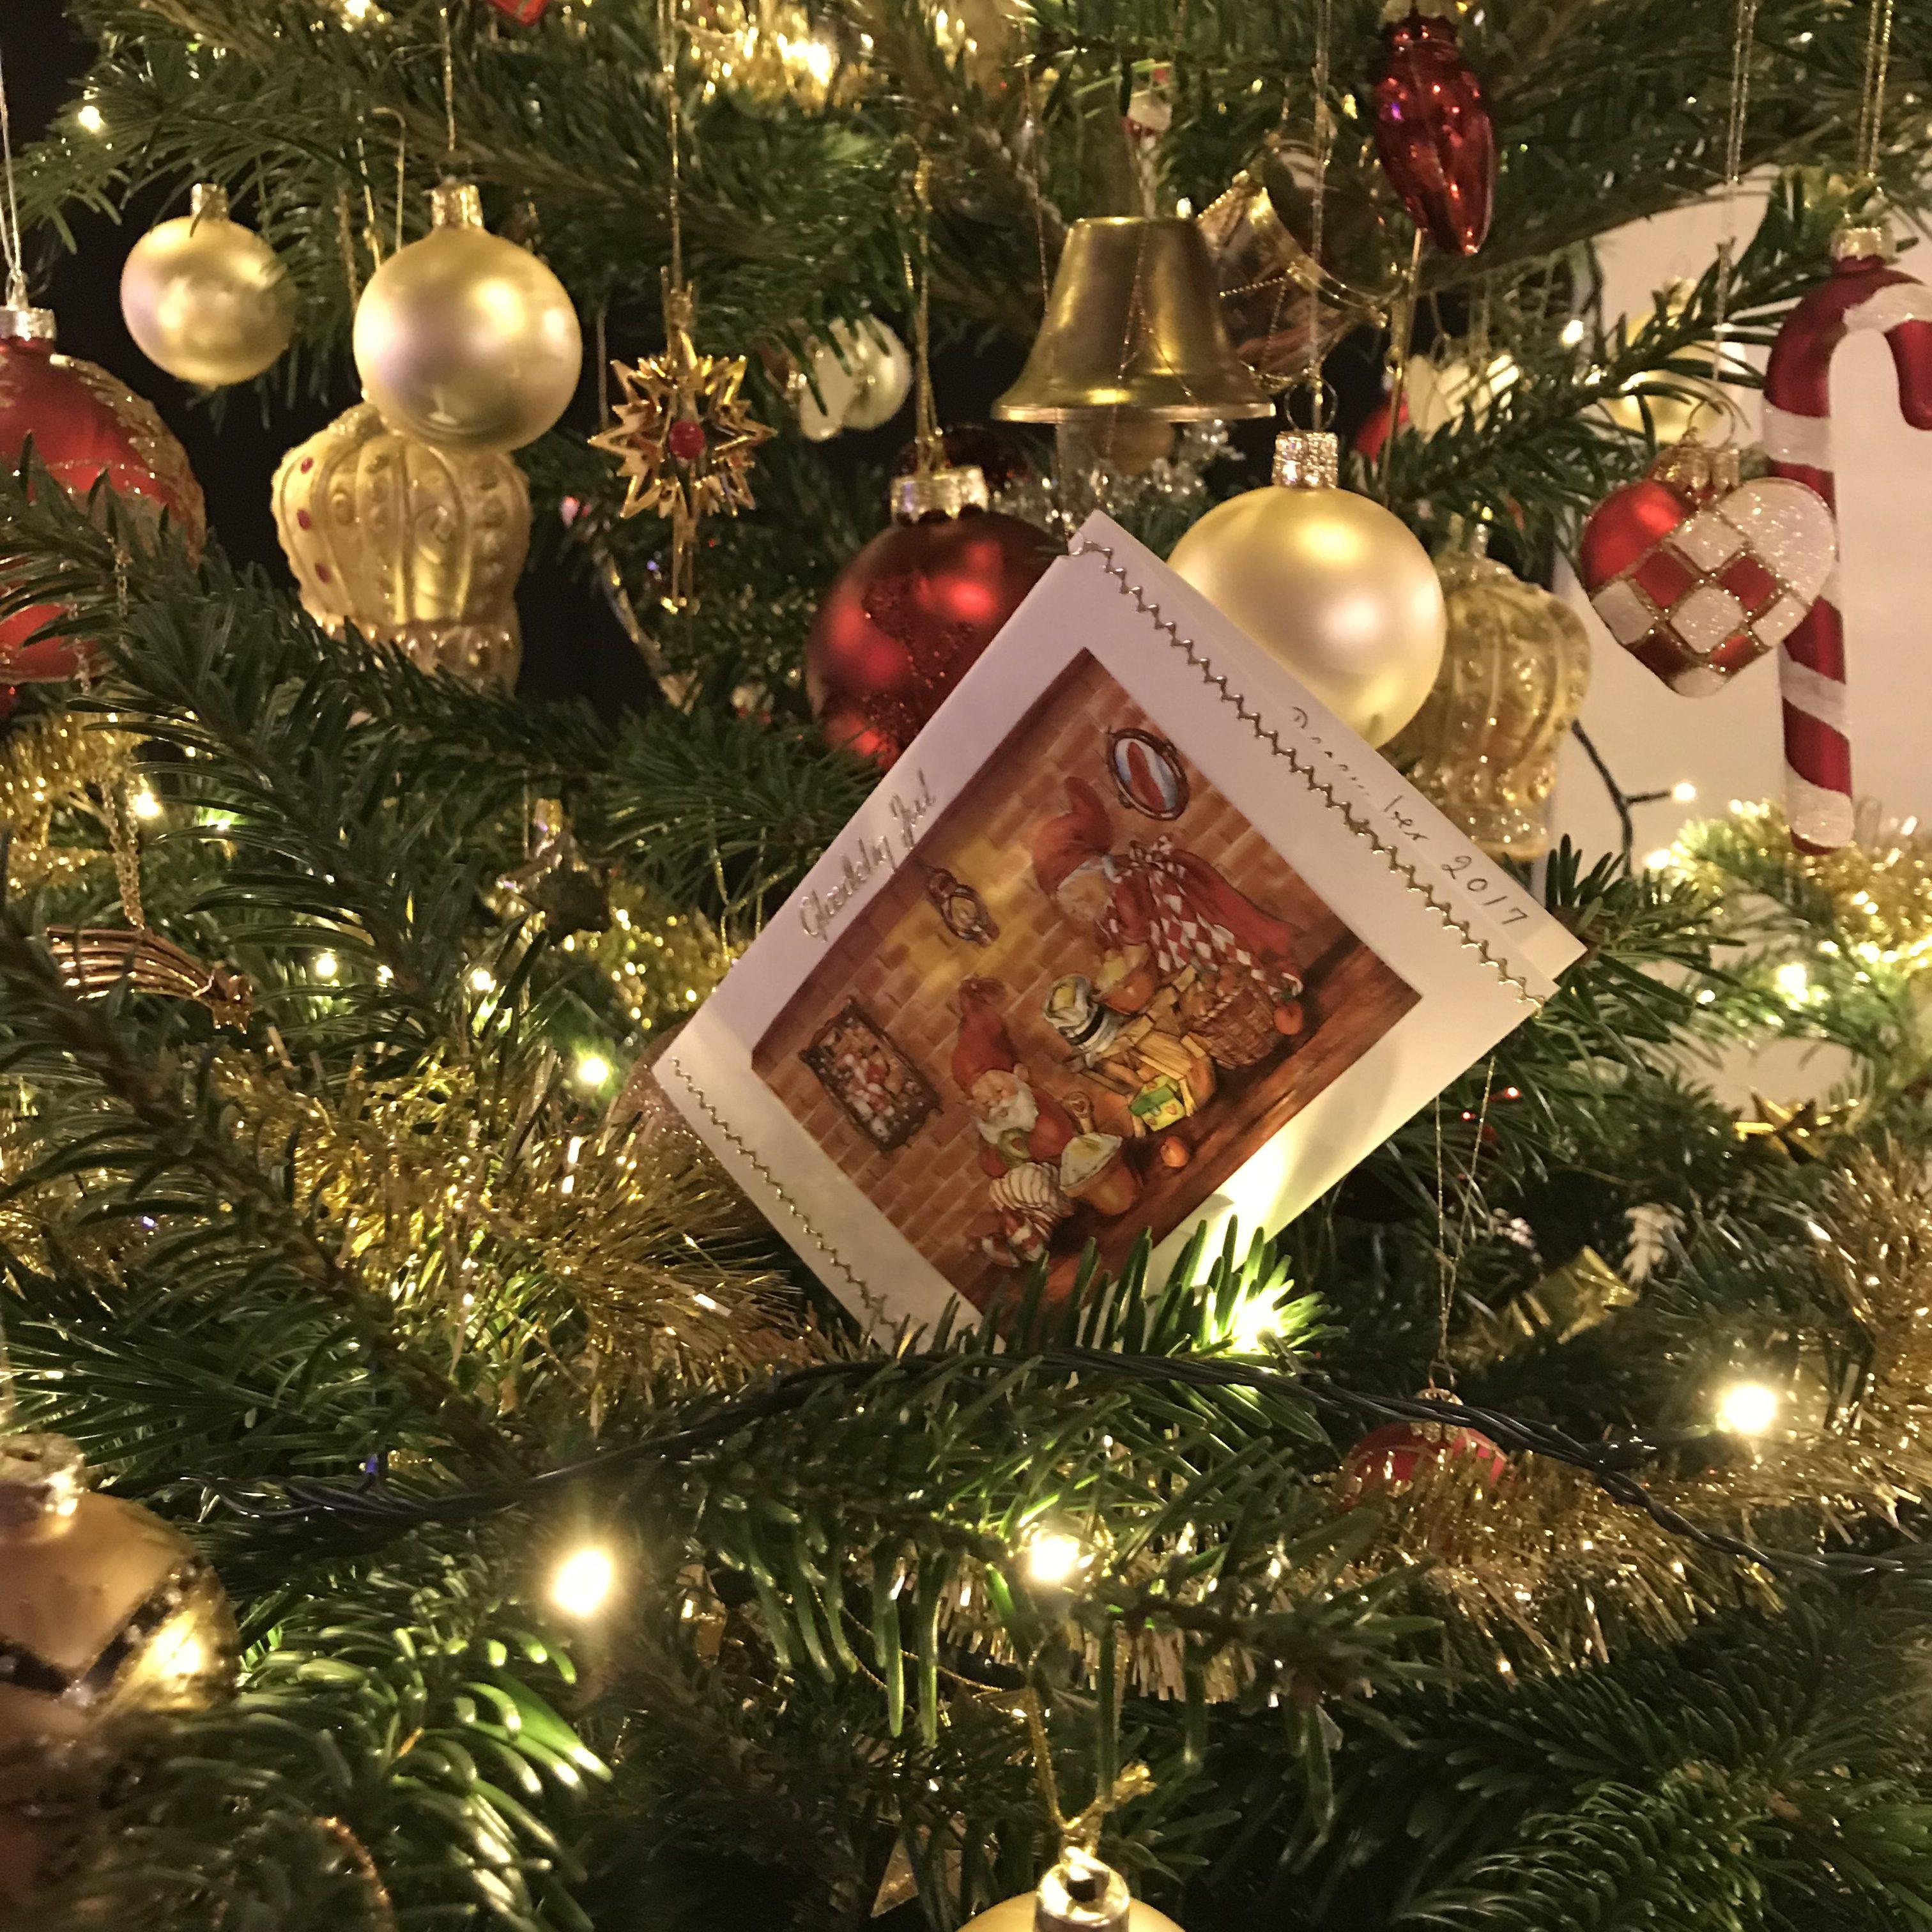 Vores juletradition